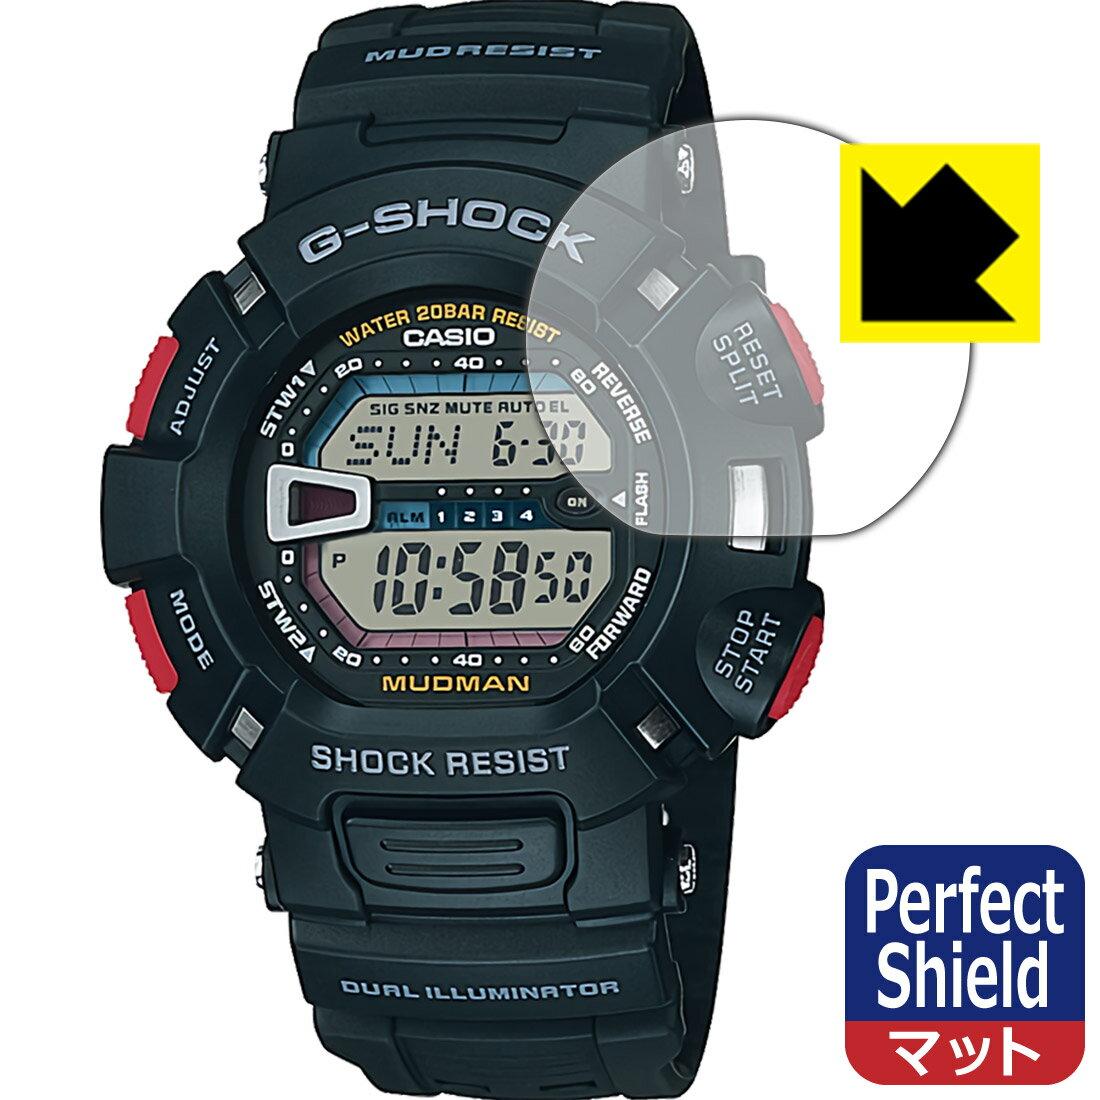 腕時計用アクセサリー, その他 Perfect Shield G-SHOCK G-9000 RCPsmtb-kd